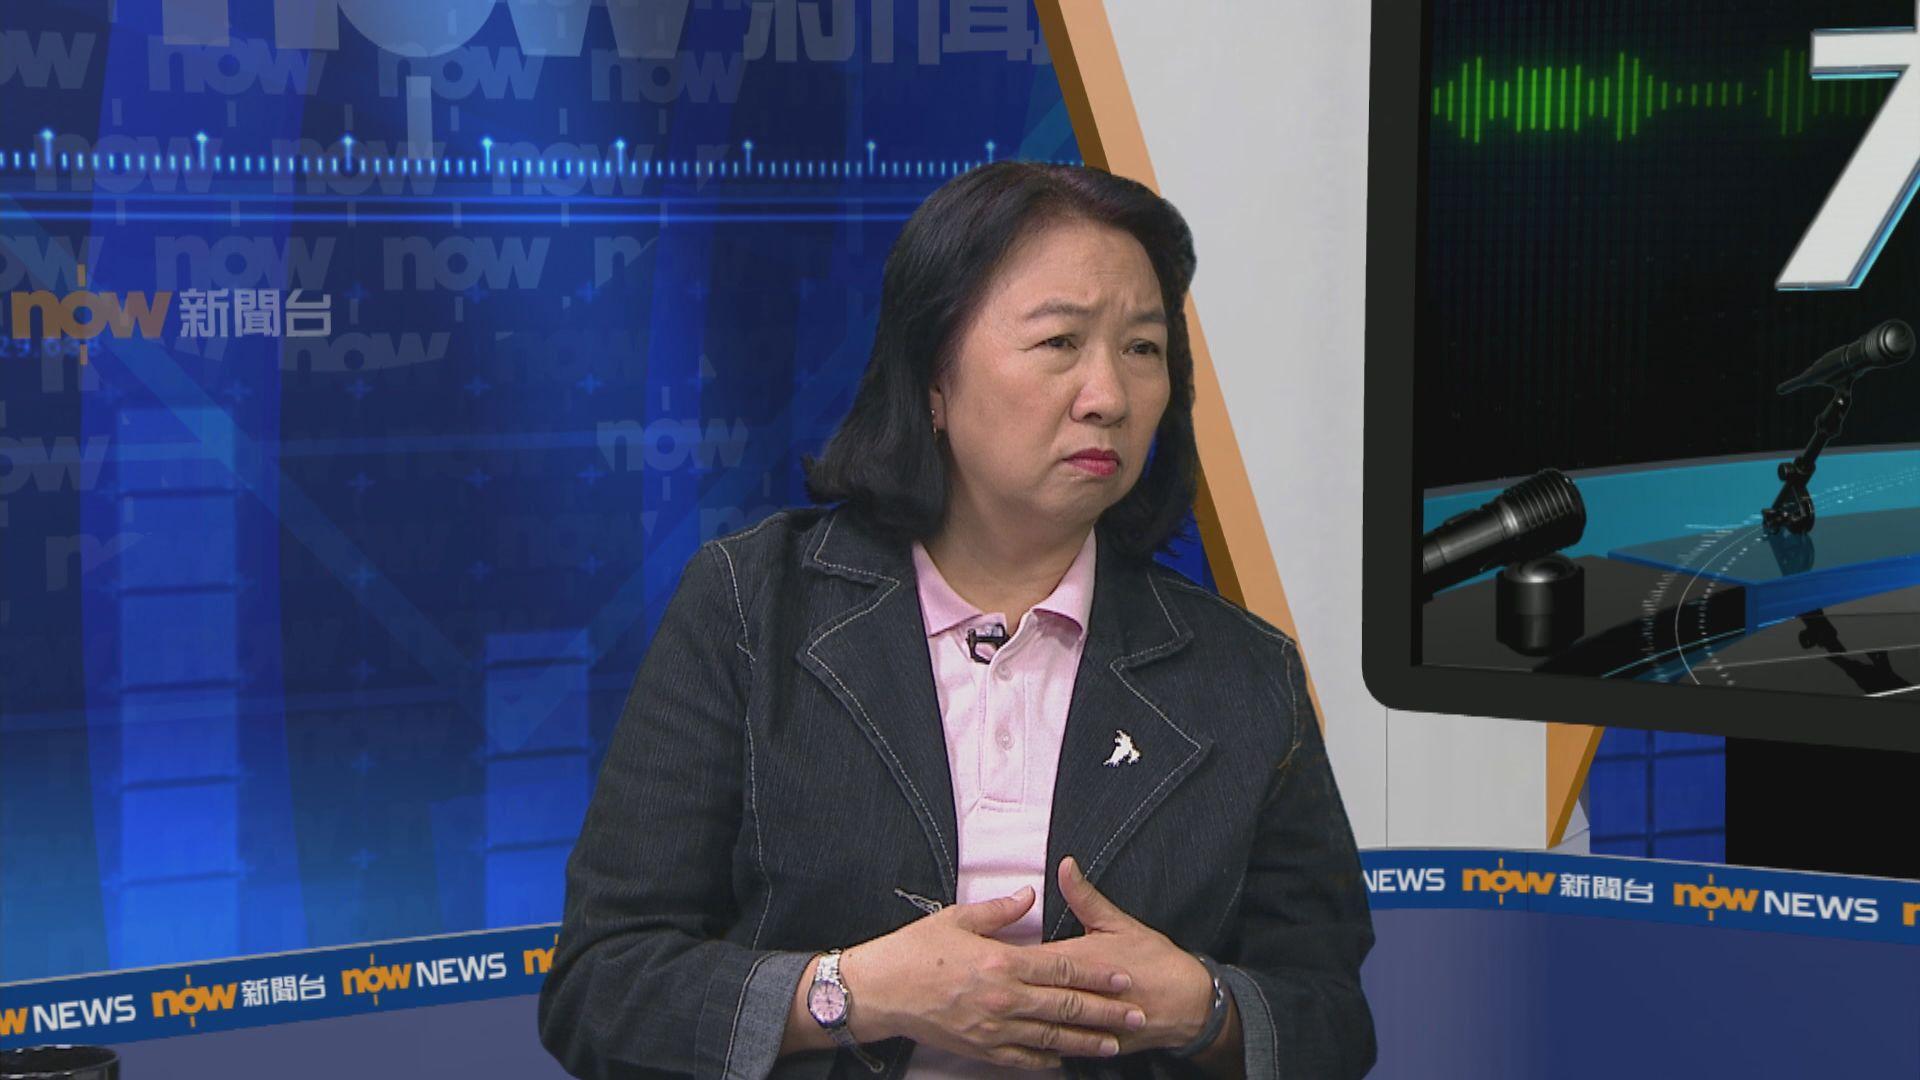 鄭麗琼︰區會譴責官員為反映民意 不滿公務員離場